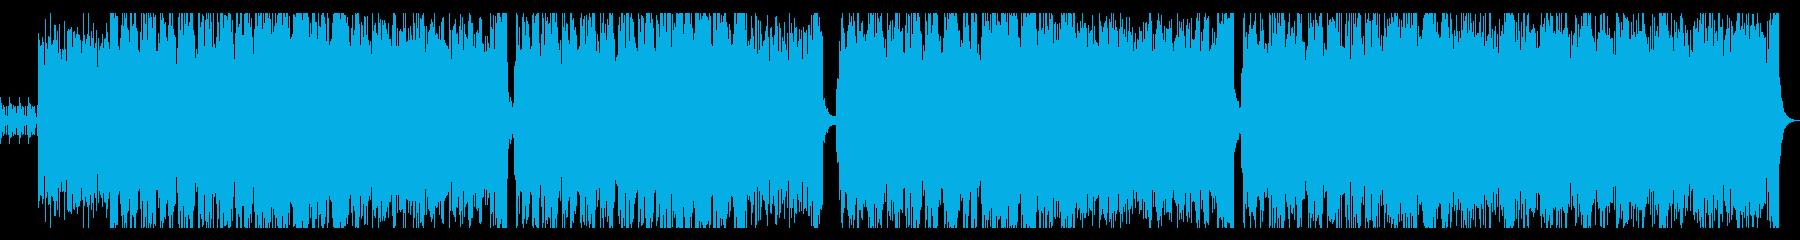 レトロ感のあるテクノの再生済みの波形